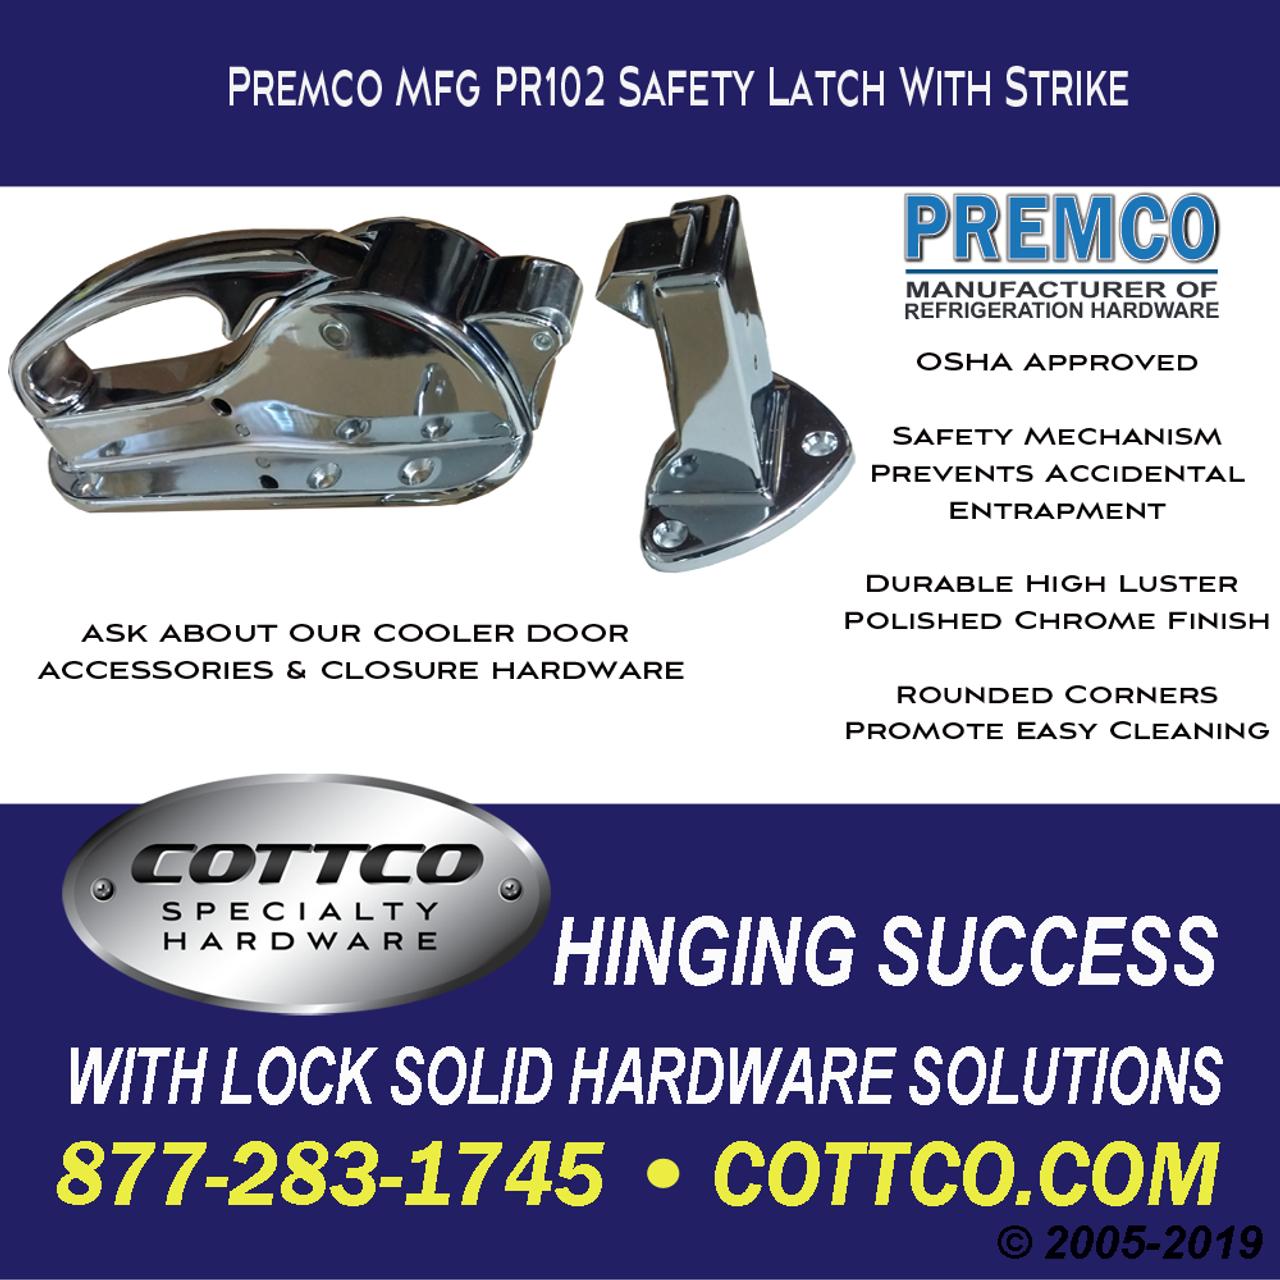 PREMCO PR102S